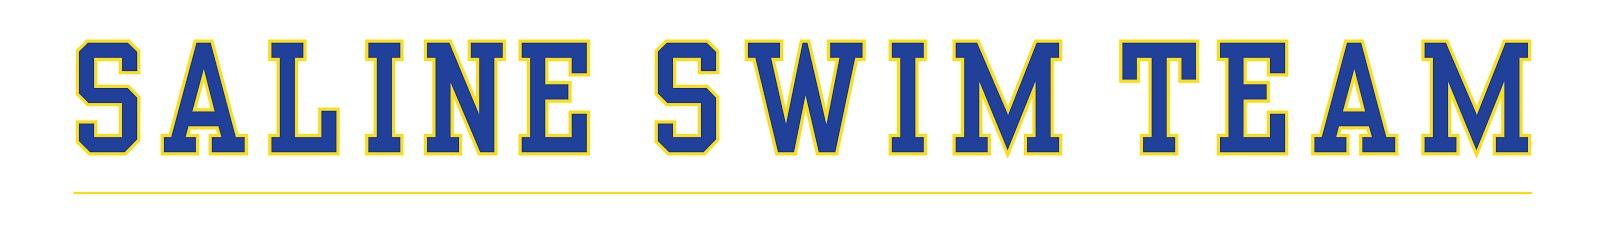 SST logo 5.jpg